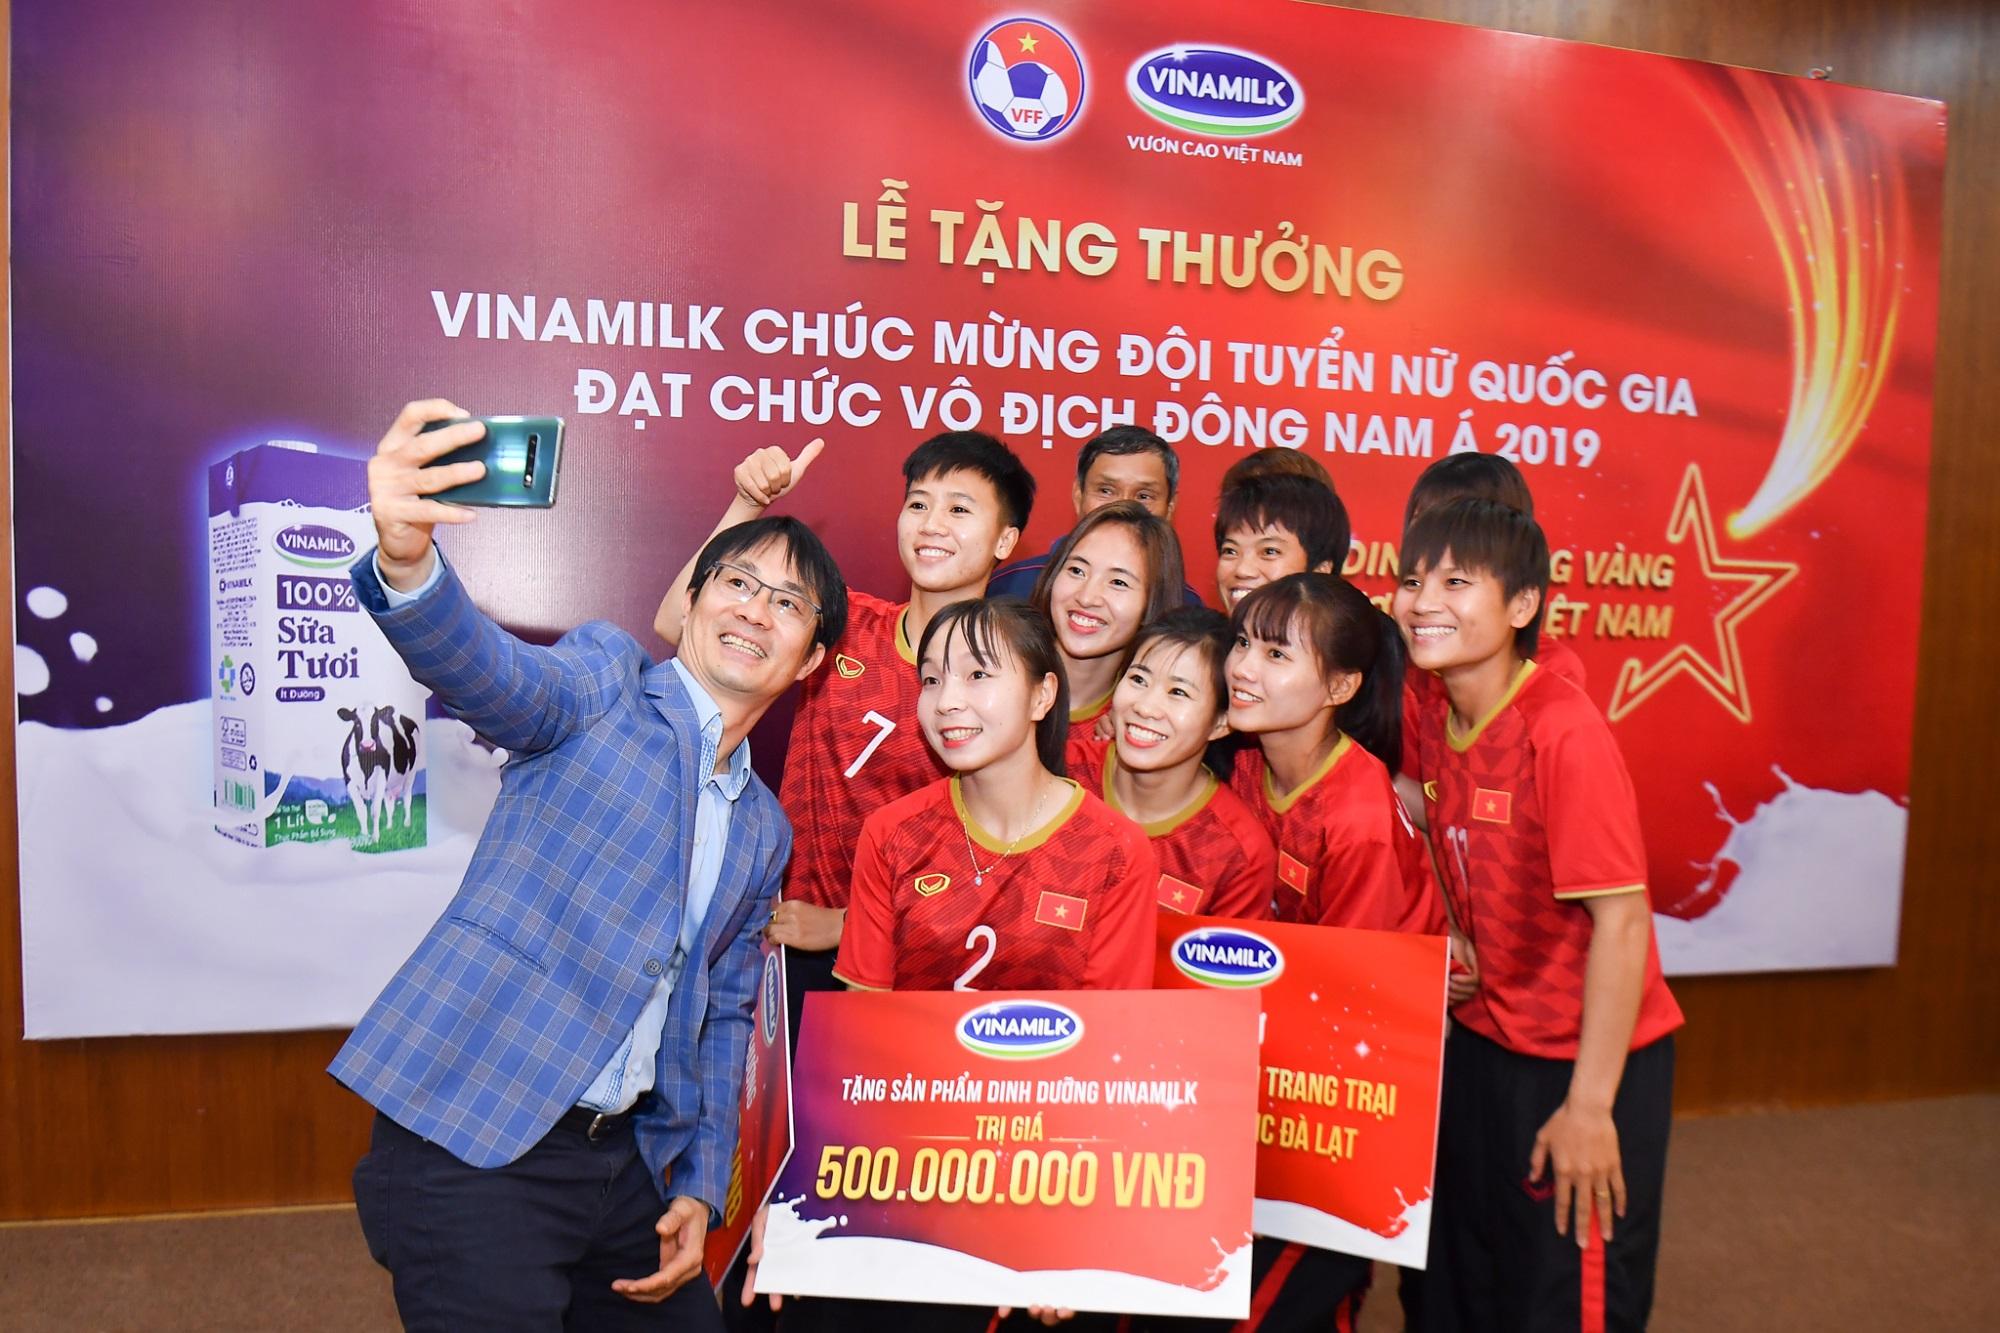 Vinamilk trao thưởng chúc mừng đội tuyển bóng đá nữ quốc gia vô địch Đông Nam Á 2019 - Ảnh 7